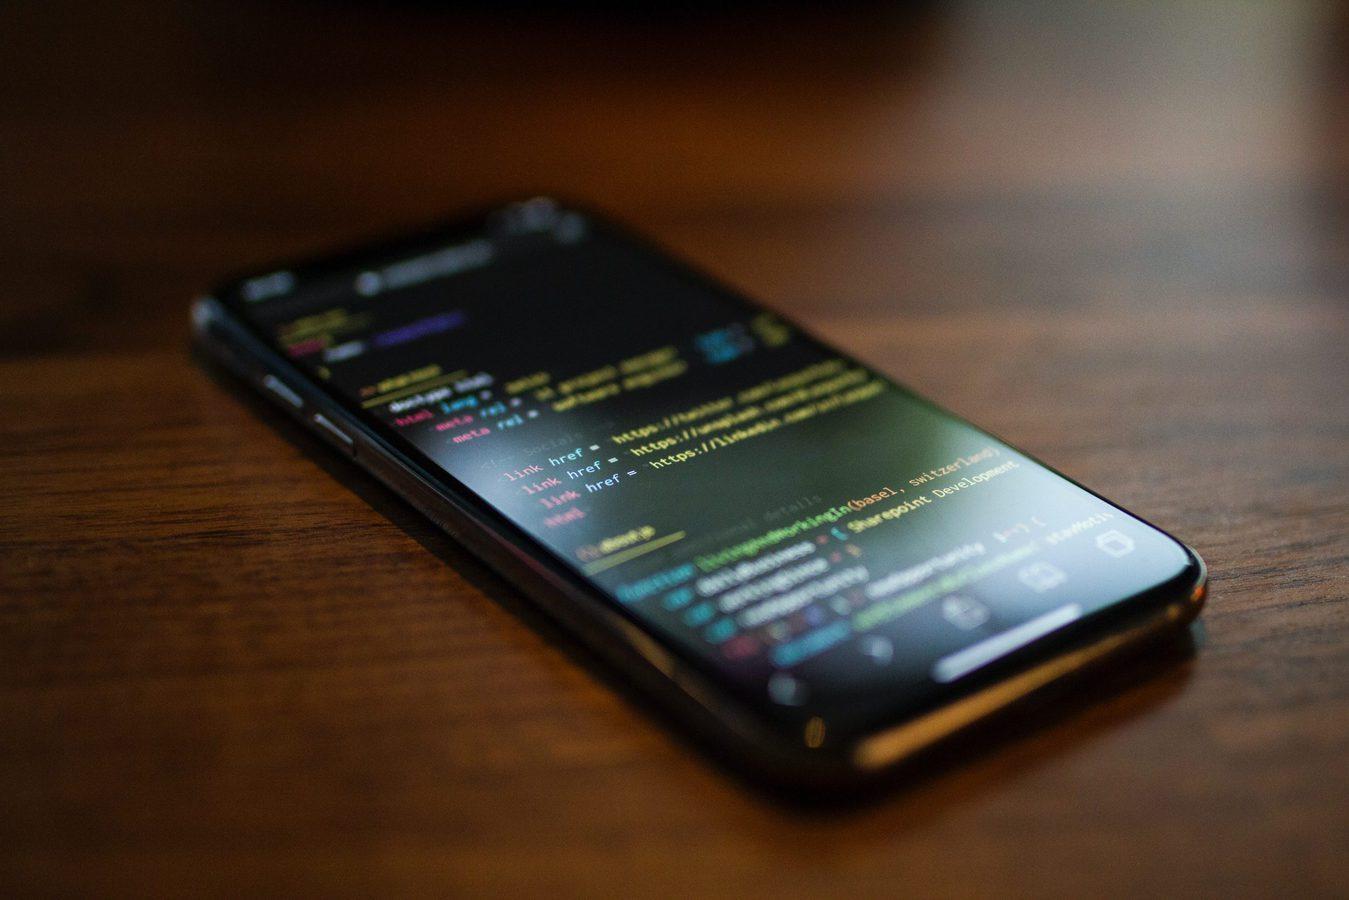 Linhas de código no telemóvel